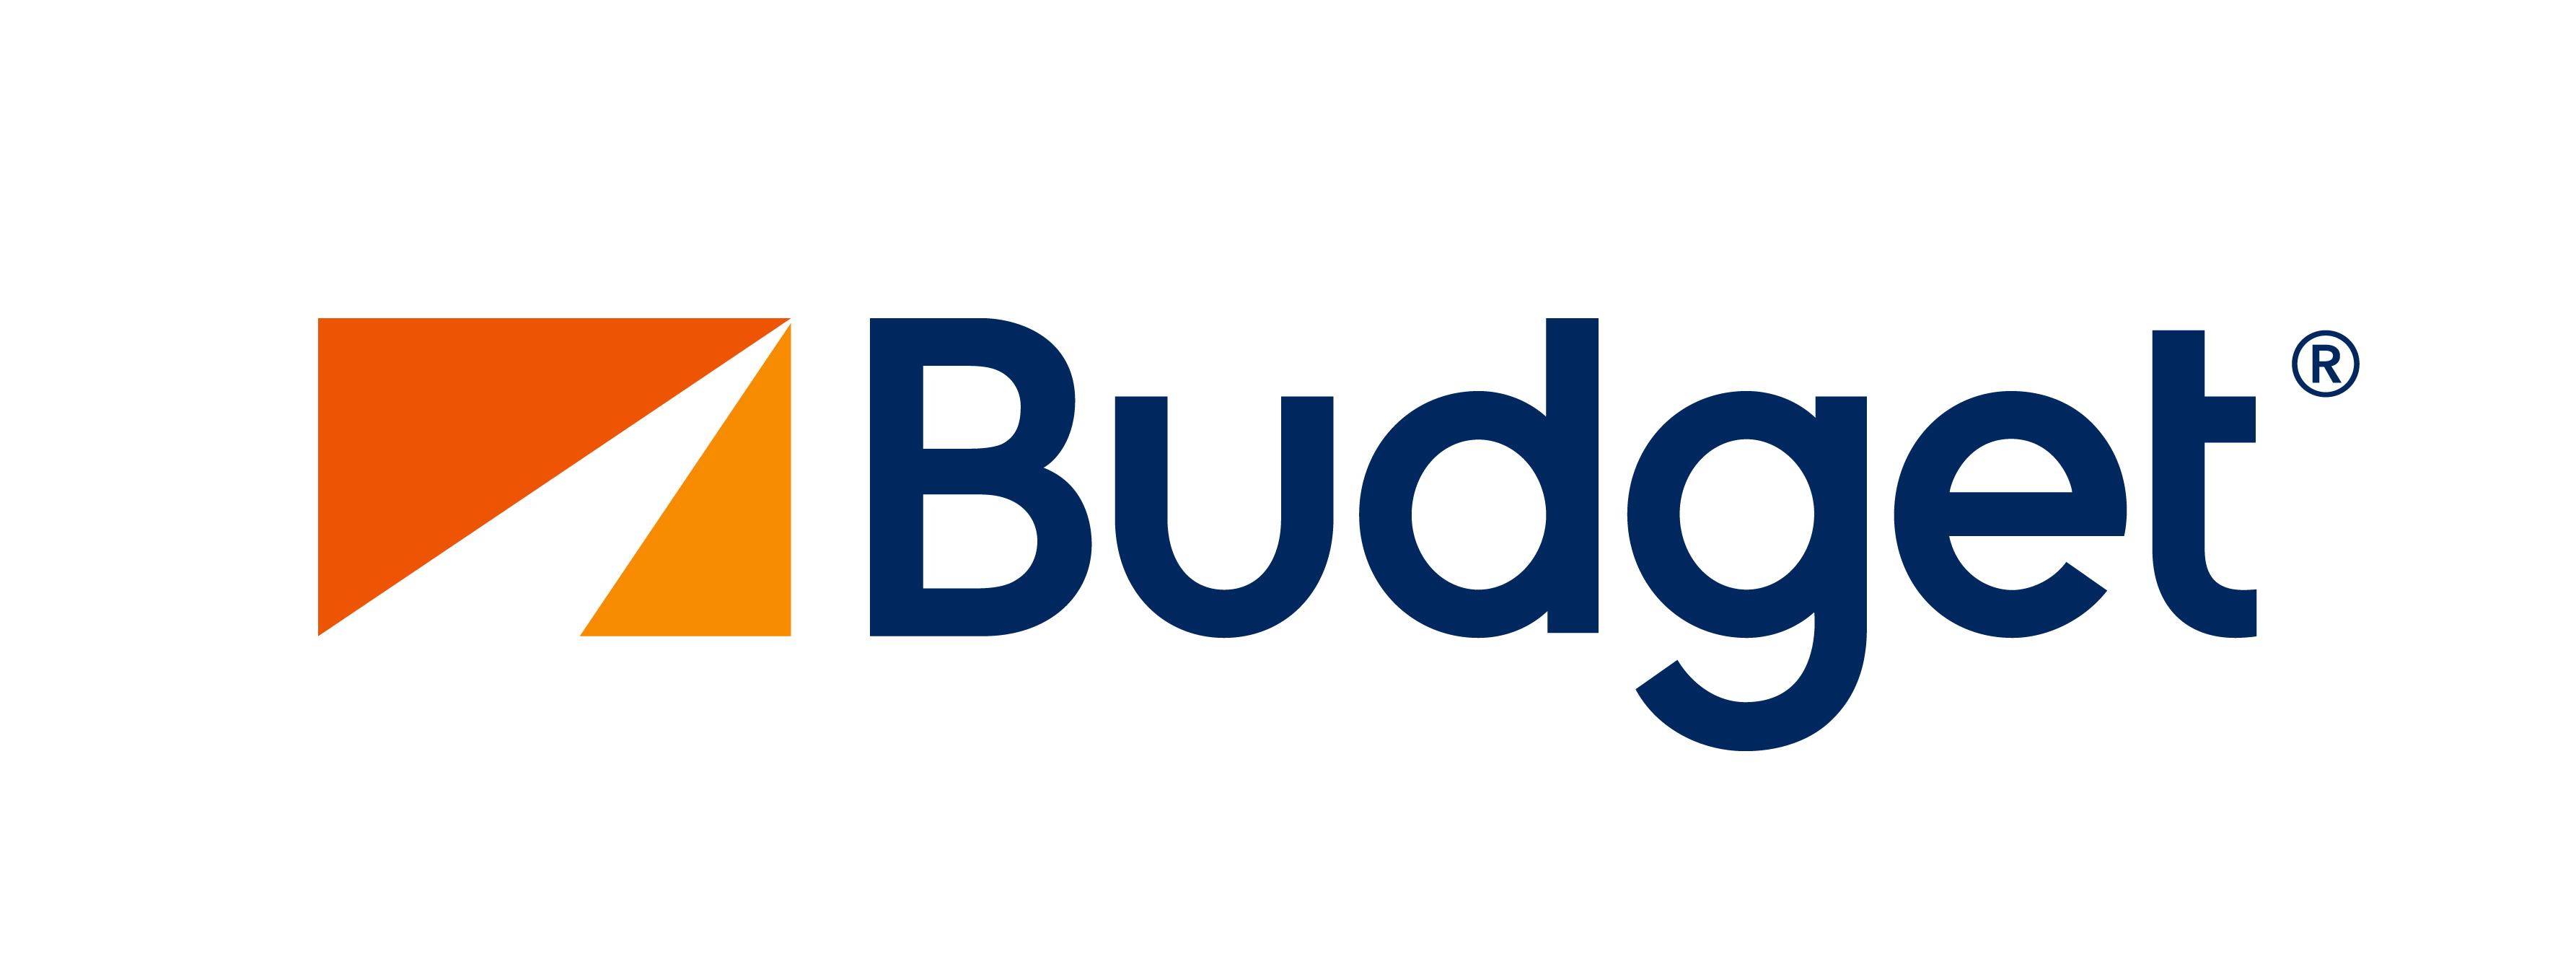 Budget Car & Truck Rental Ceduna Airport - Ceduna, SA 5690 - (08) 8625 3365 | ShowMeLocal.com